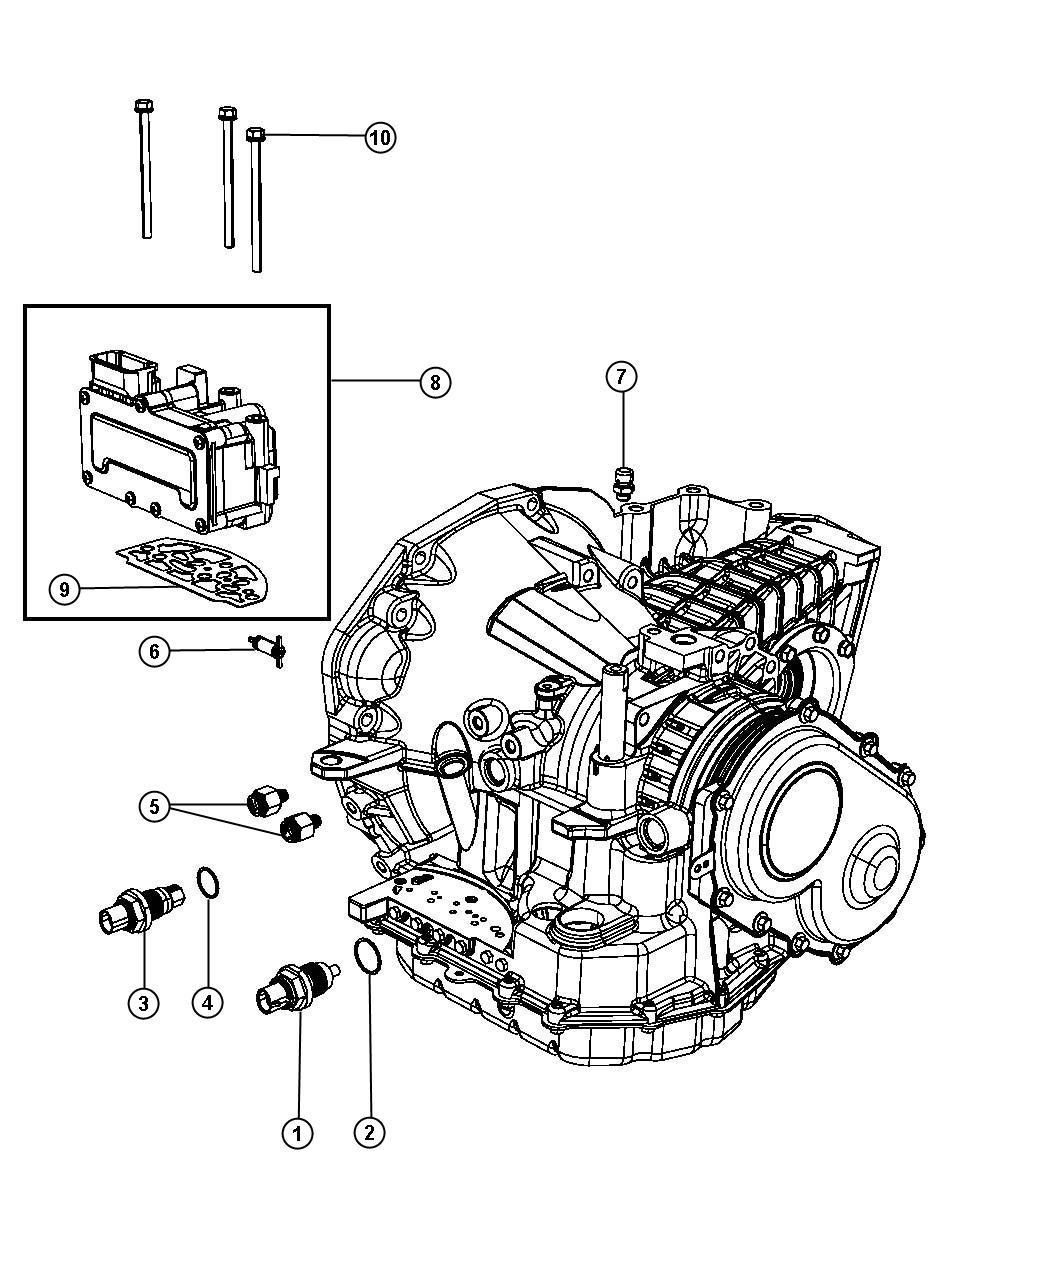 Chrysler Pacifica Solenoid module, solenoid package. 41te